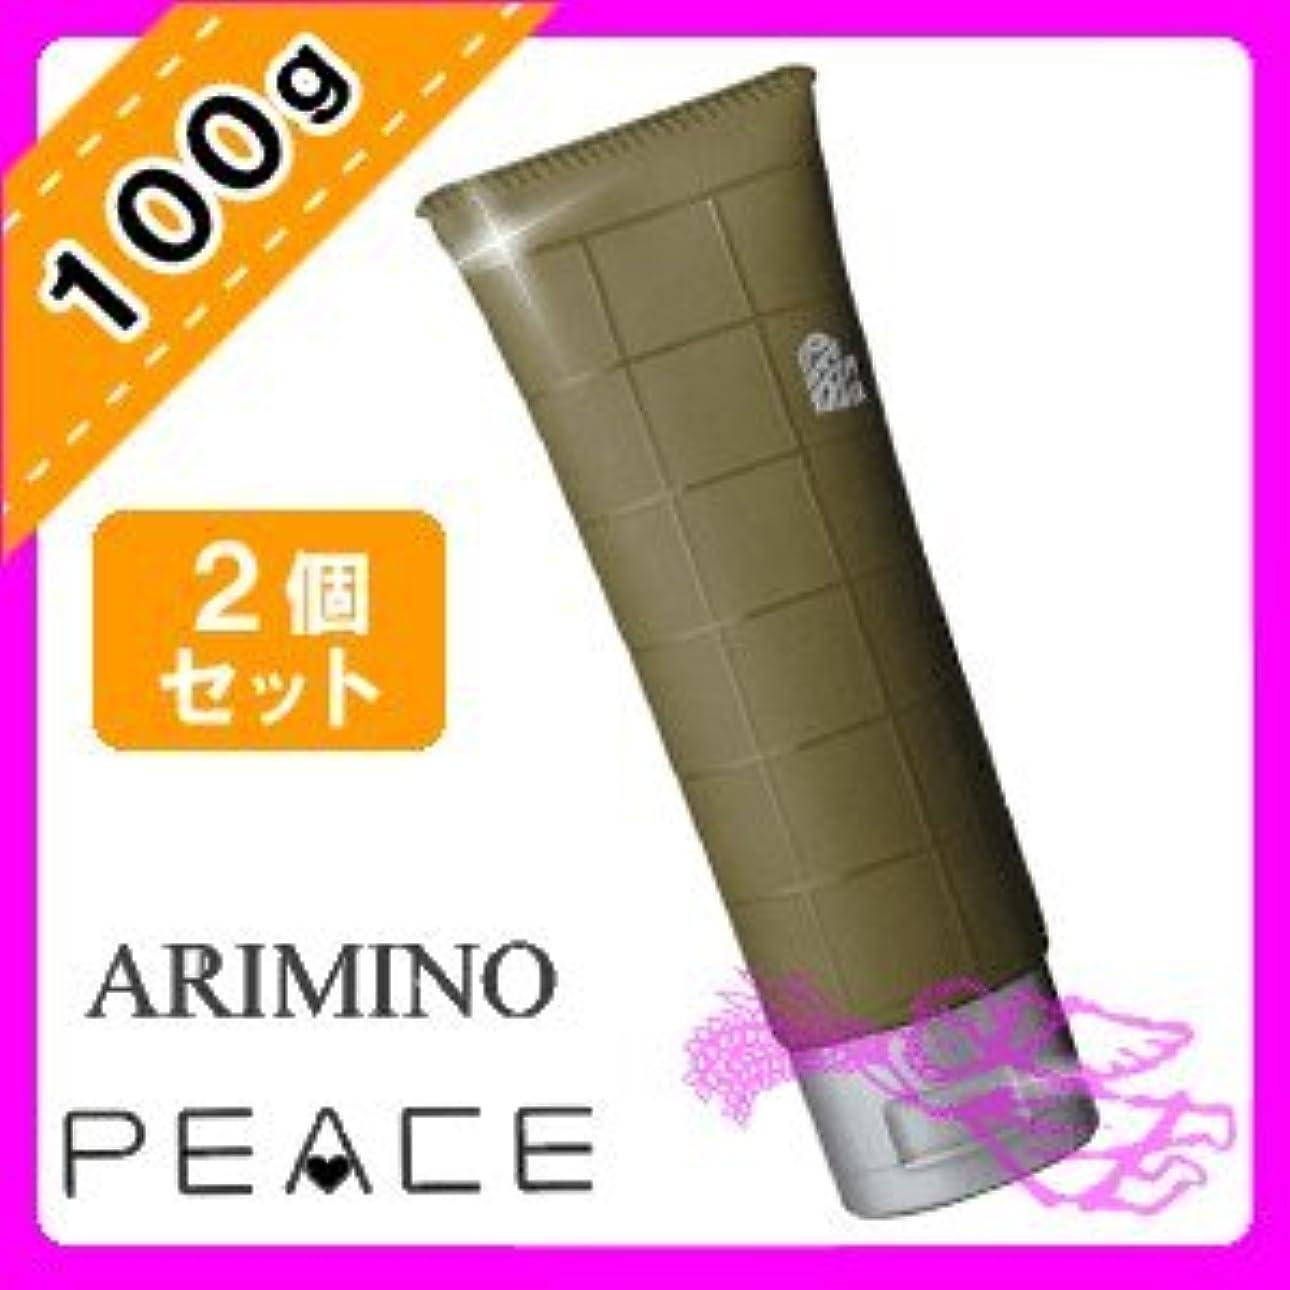 変換するしてはいけないゴシップアリミノ ピース ウェットオイル ワックス 100g ×2個セット arimino PEACE